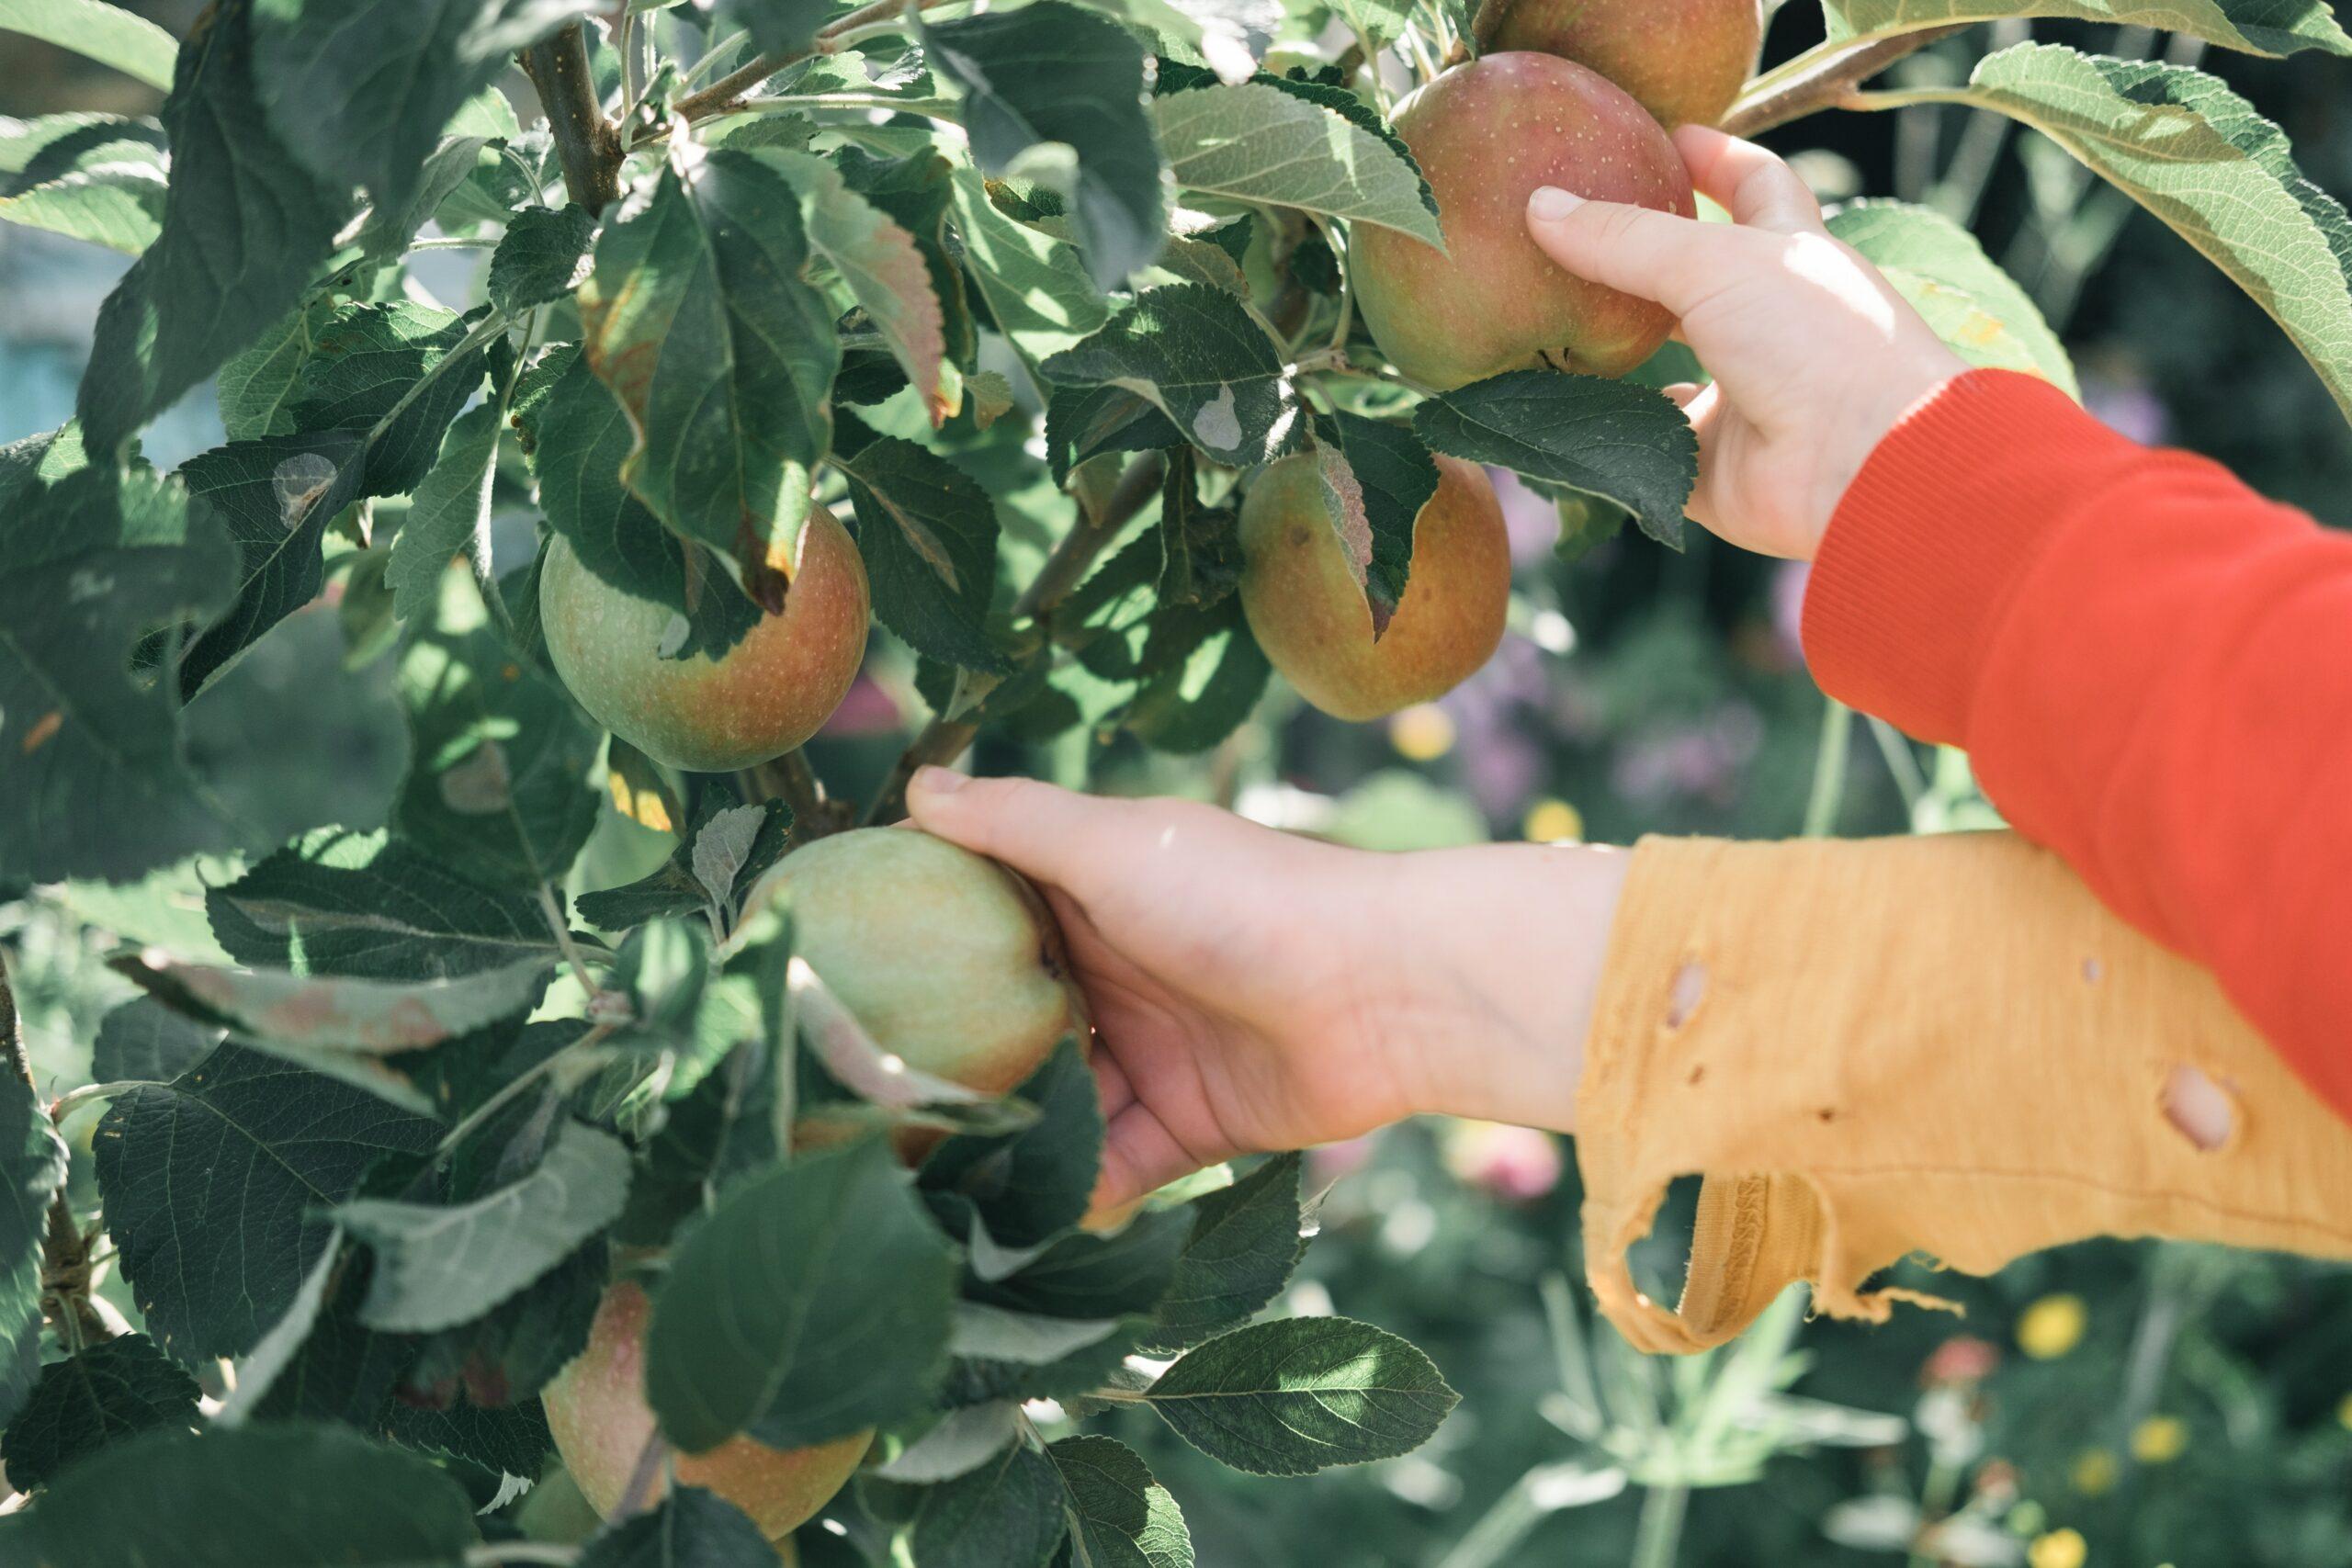 WIIN hands picking apples